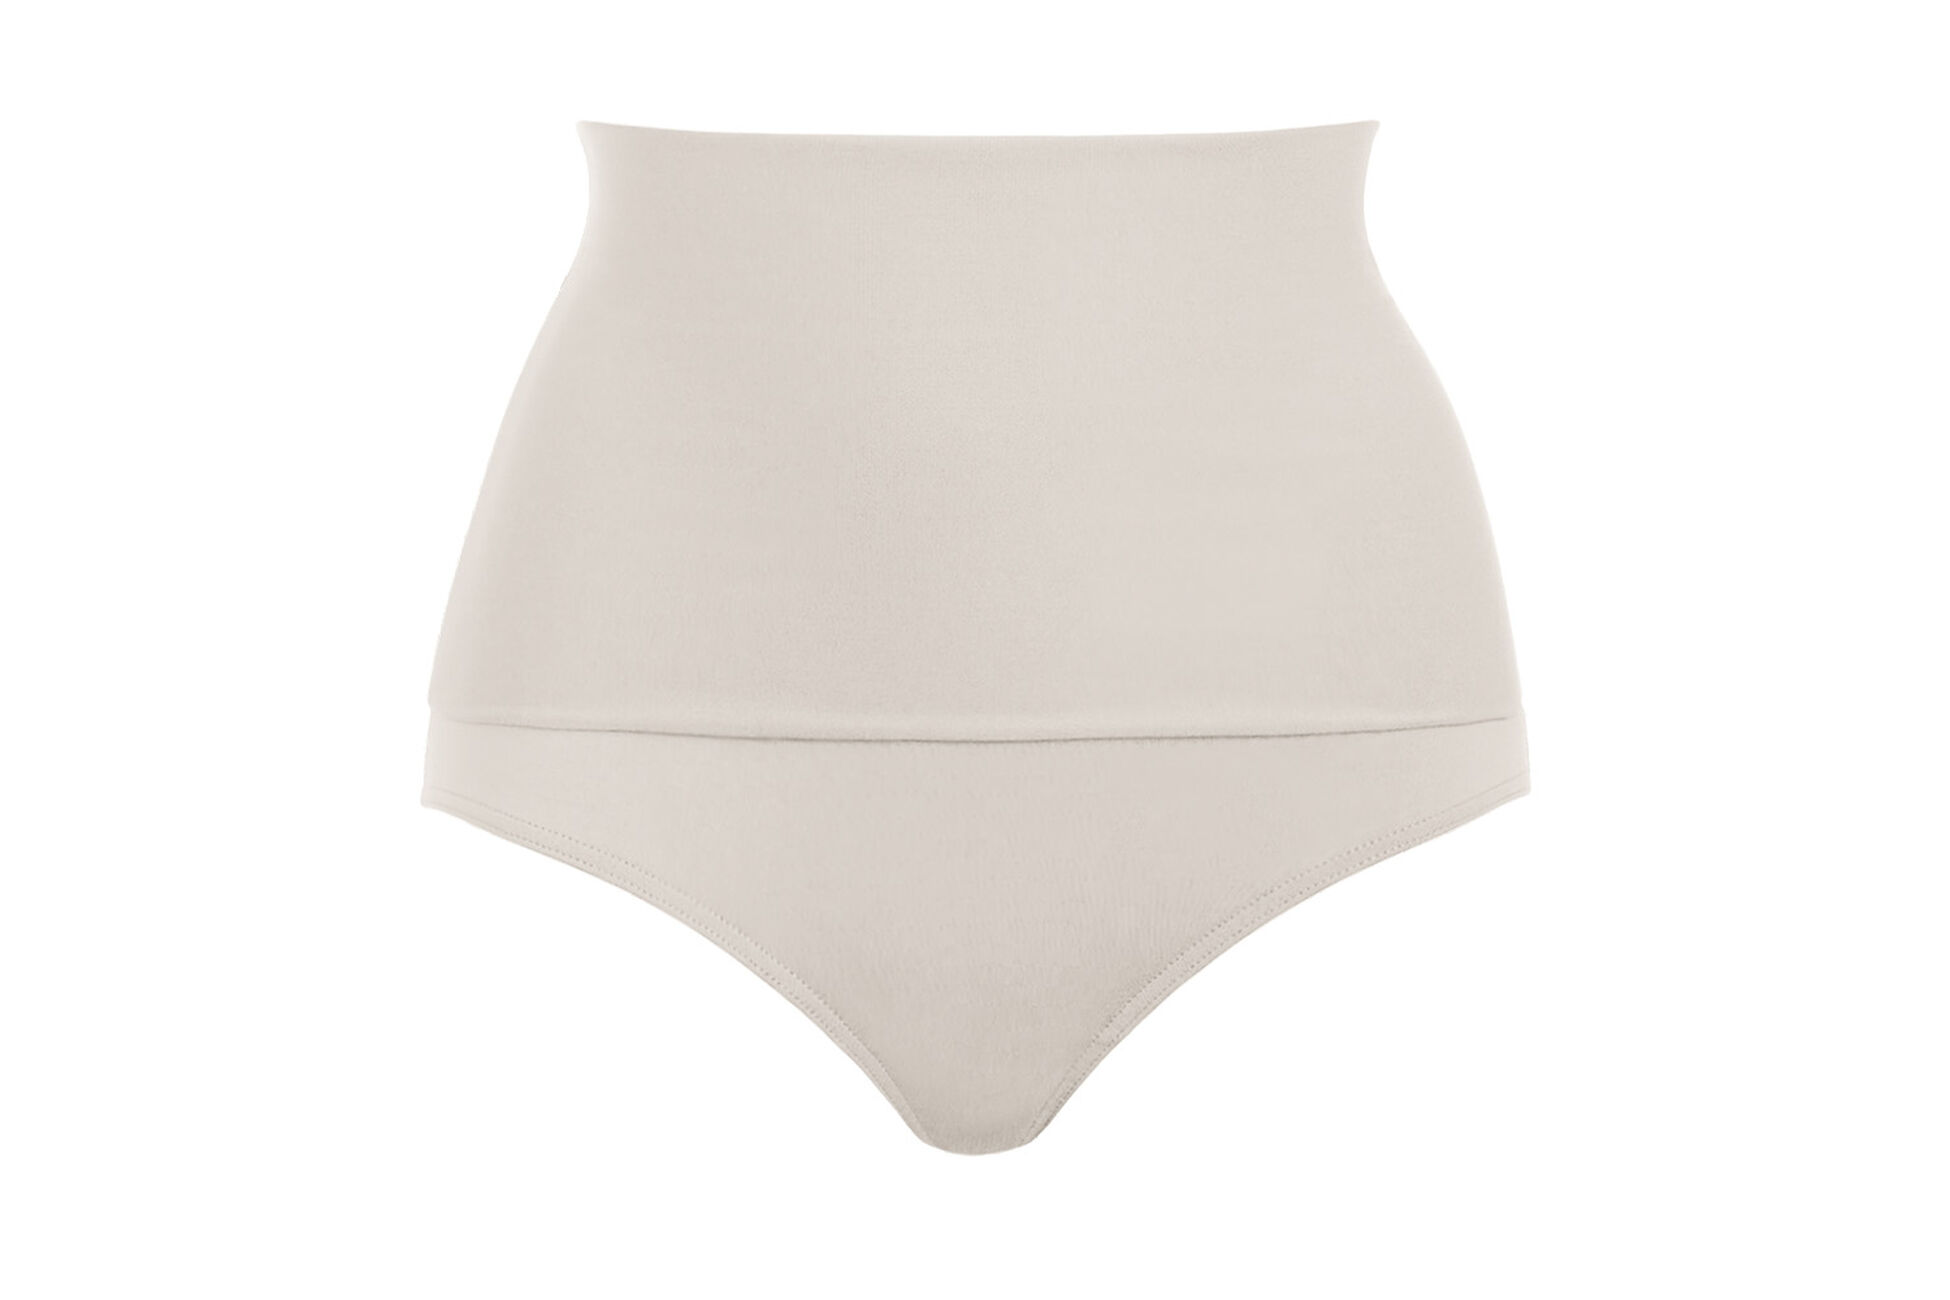 Gredin Hoch geschnittene Bikinihose Standardansicht �